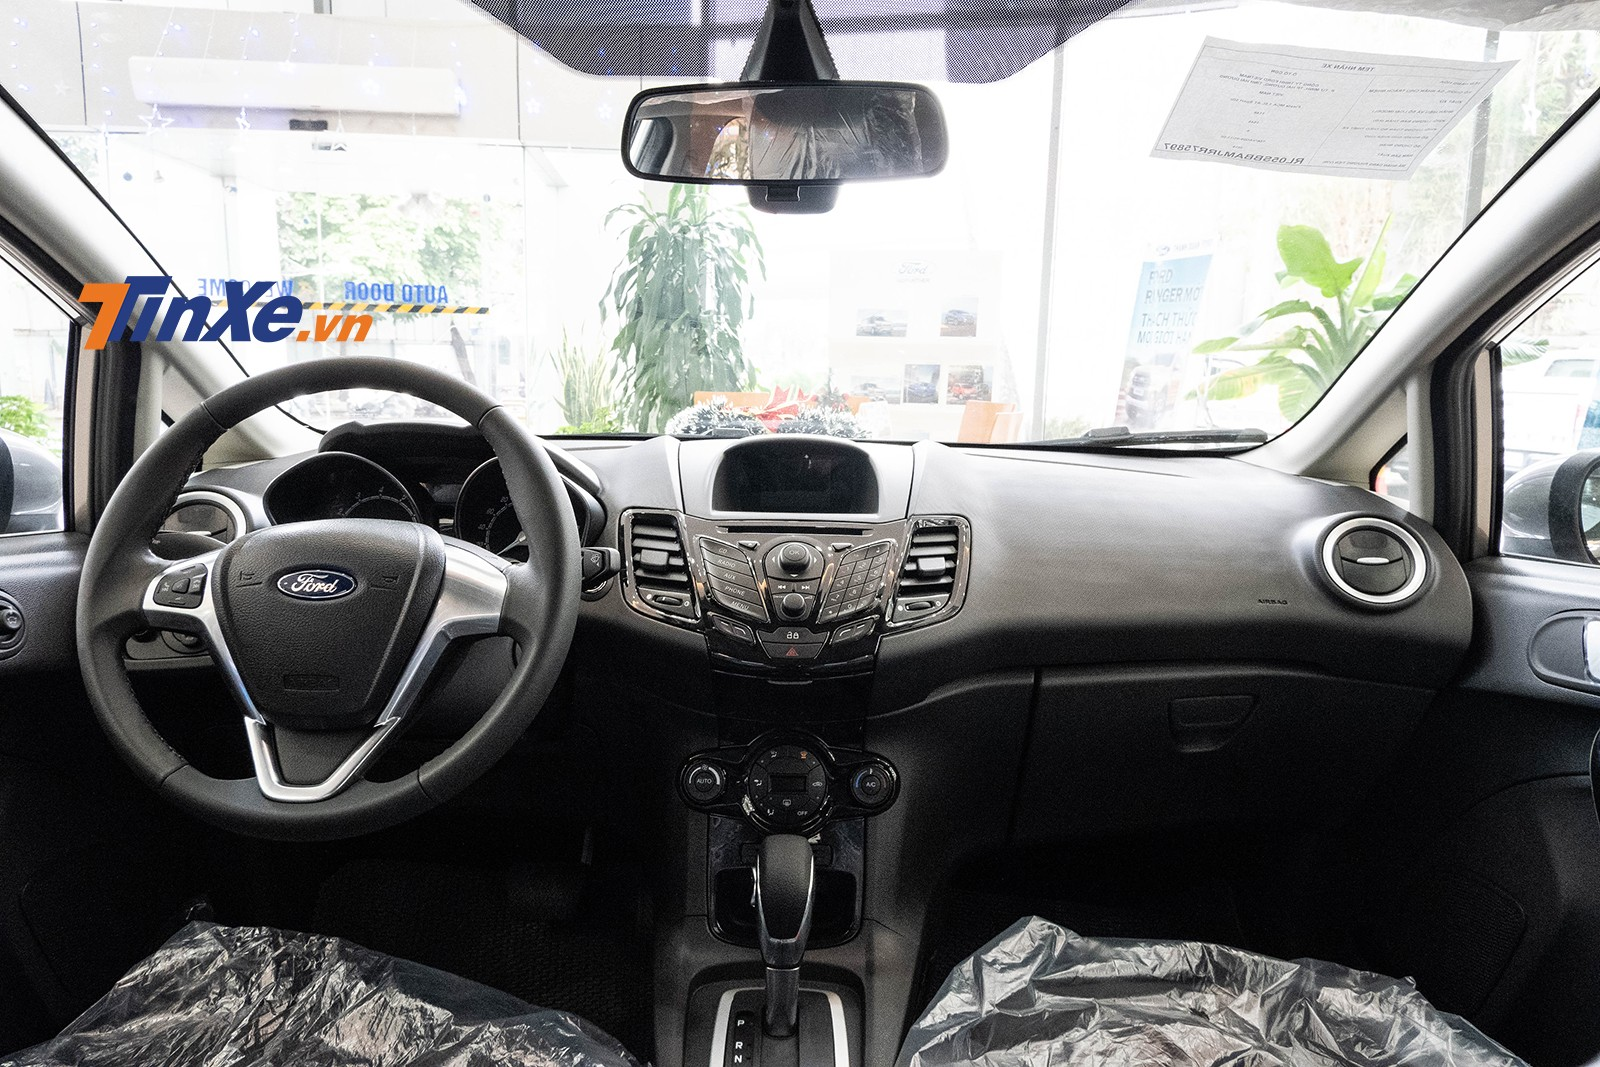 Nội thất của Ford Fiesta khá cơ bản trong phân khúc